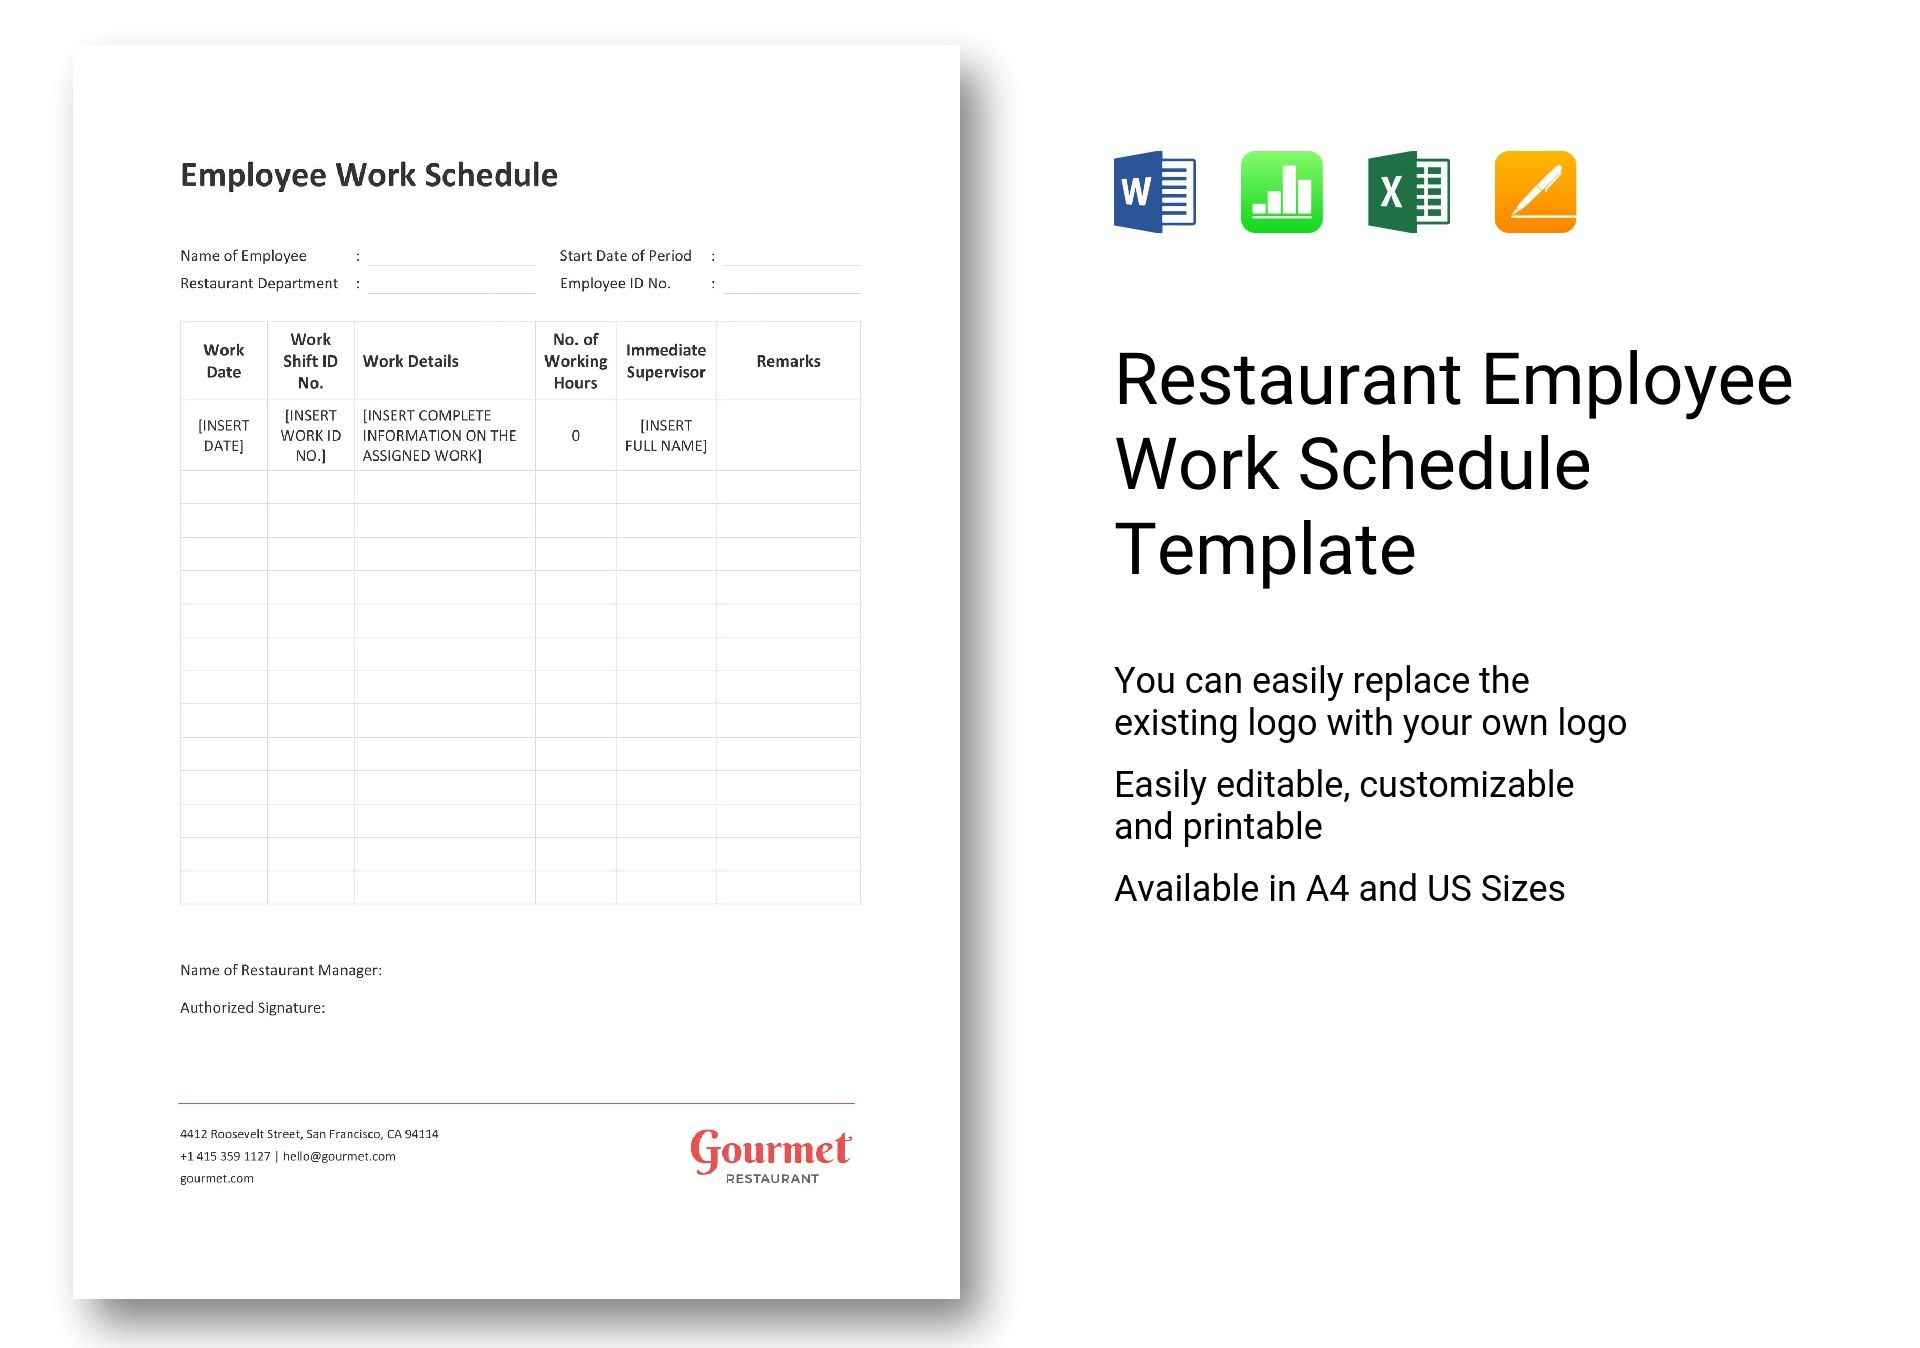 Restaurant Employee Work Schedule